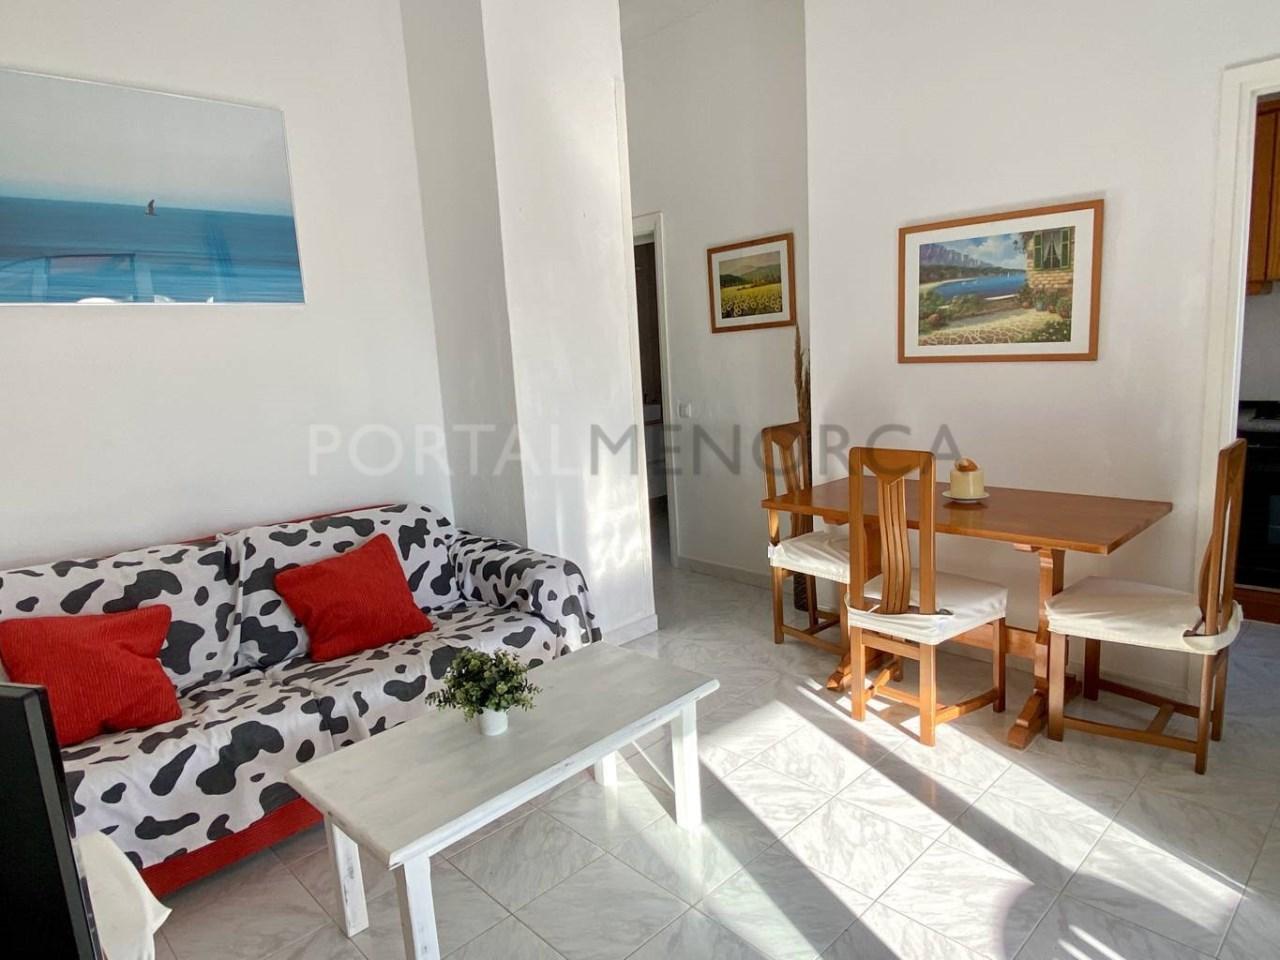 Apartamento en venta en Cap d'Artruix